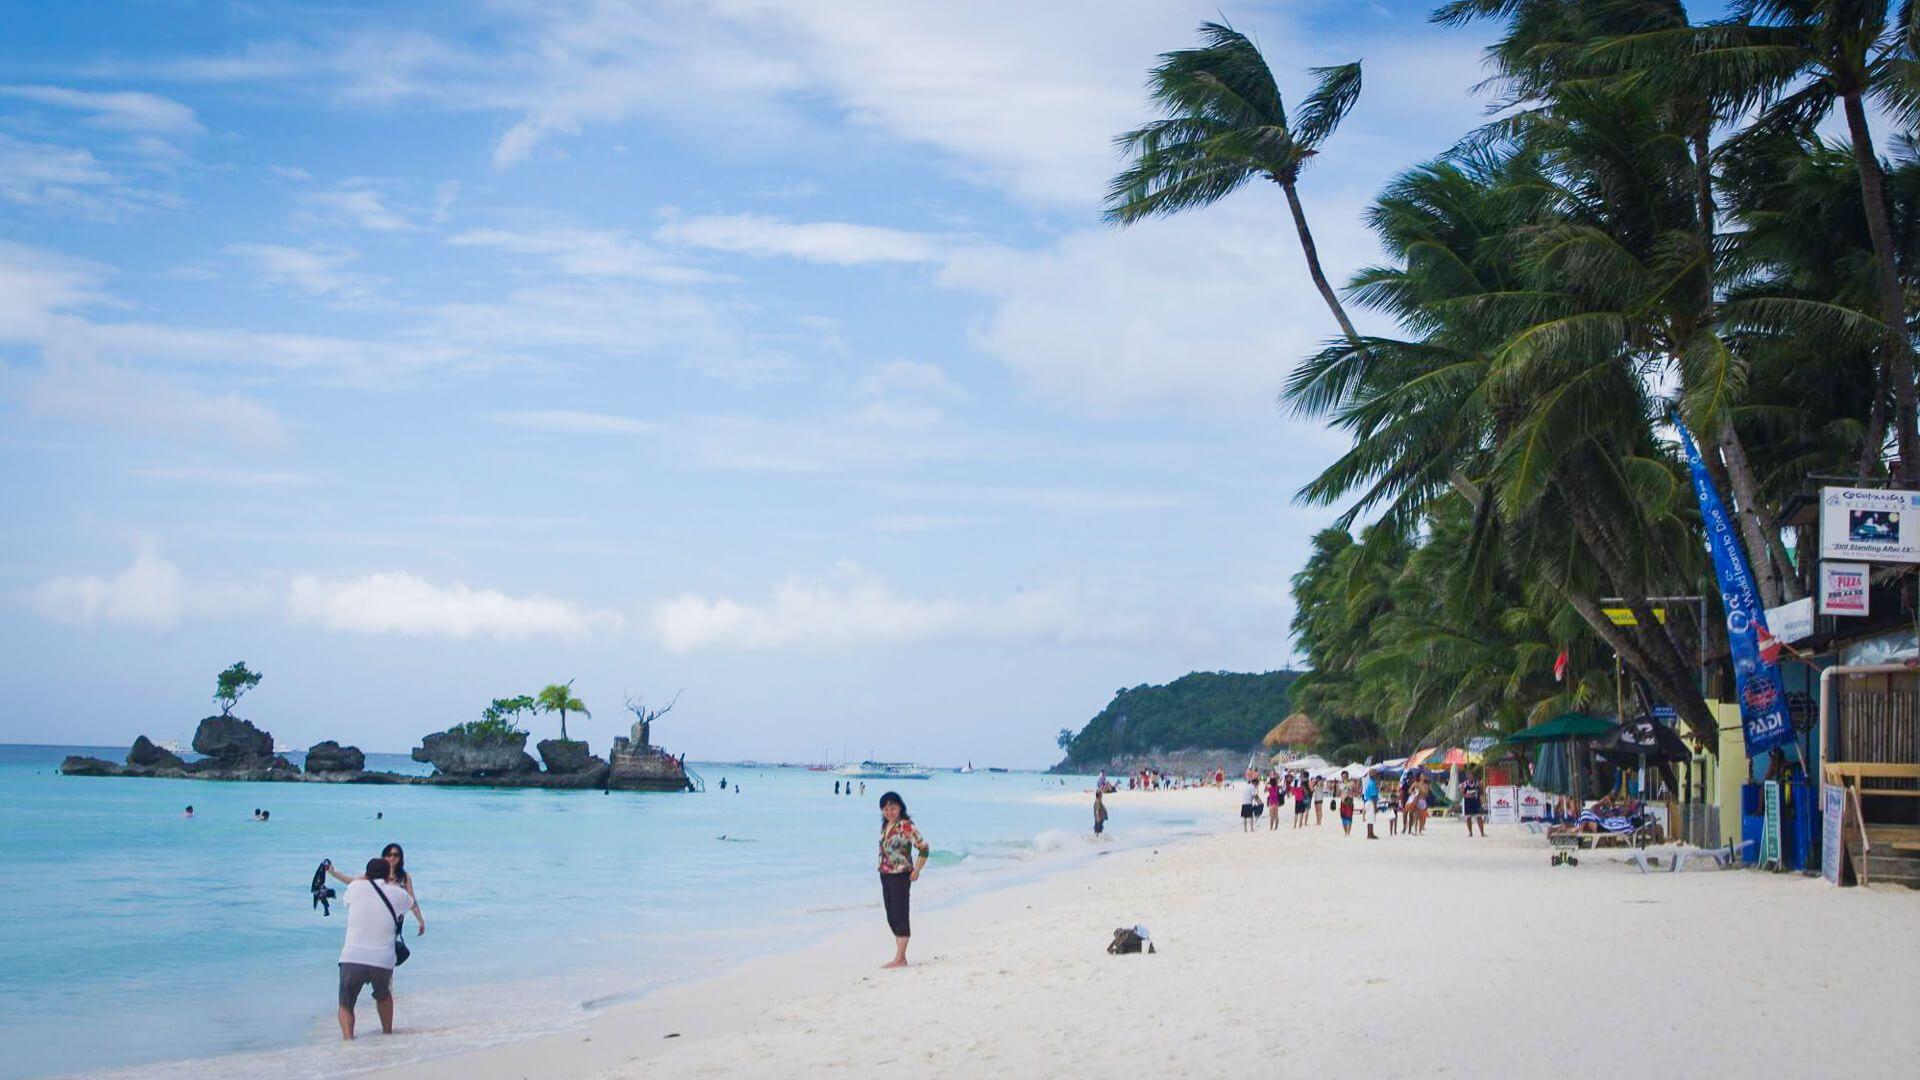 Phillippines pristine beach